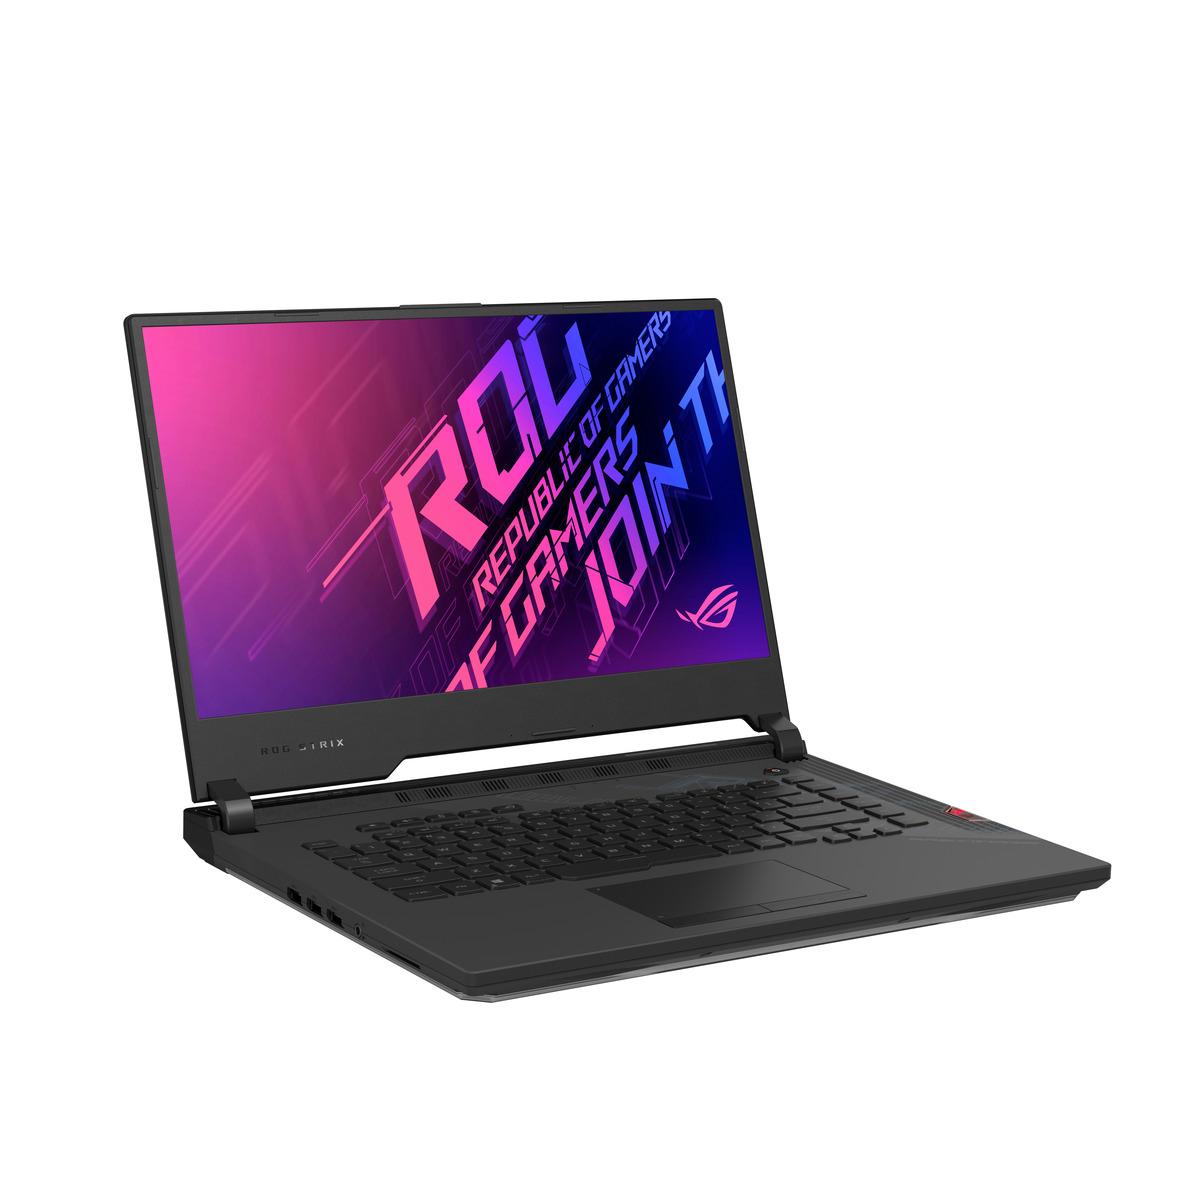 Bild 2 von ASUS ROG Strix G15 G512LV-AZ051T, Gaming Notebook mit 15,6 Zoll Display, Core™ i7 Prozessor, 8 GB RAM, 512 SSD, GeForce® RTX 2060 with Boost, Electro Punk